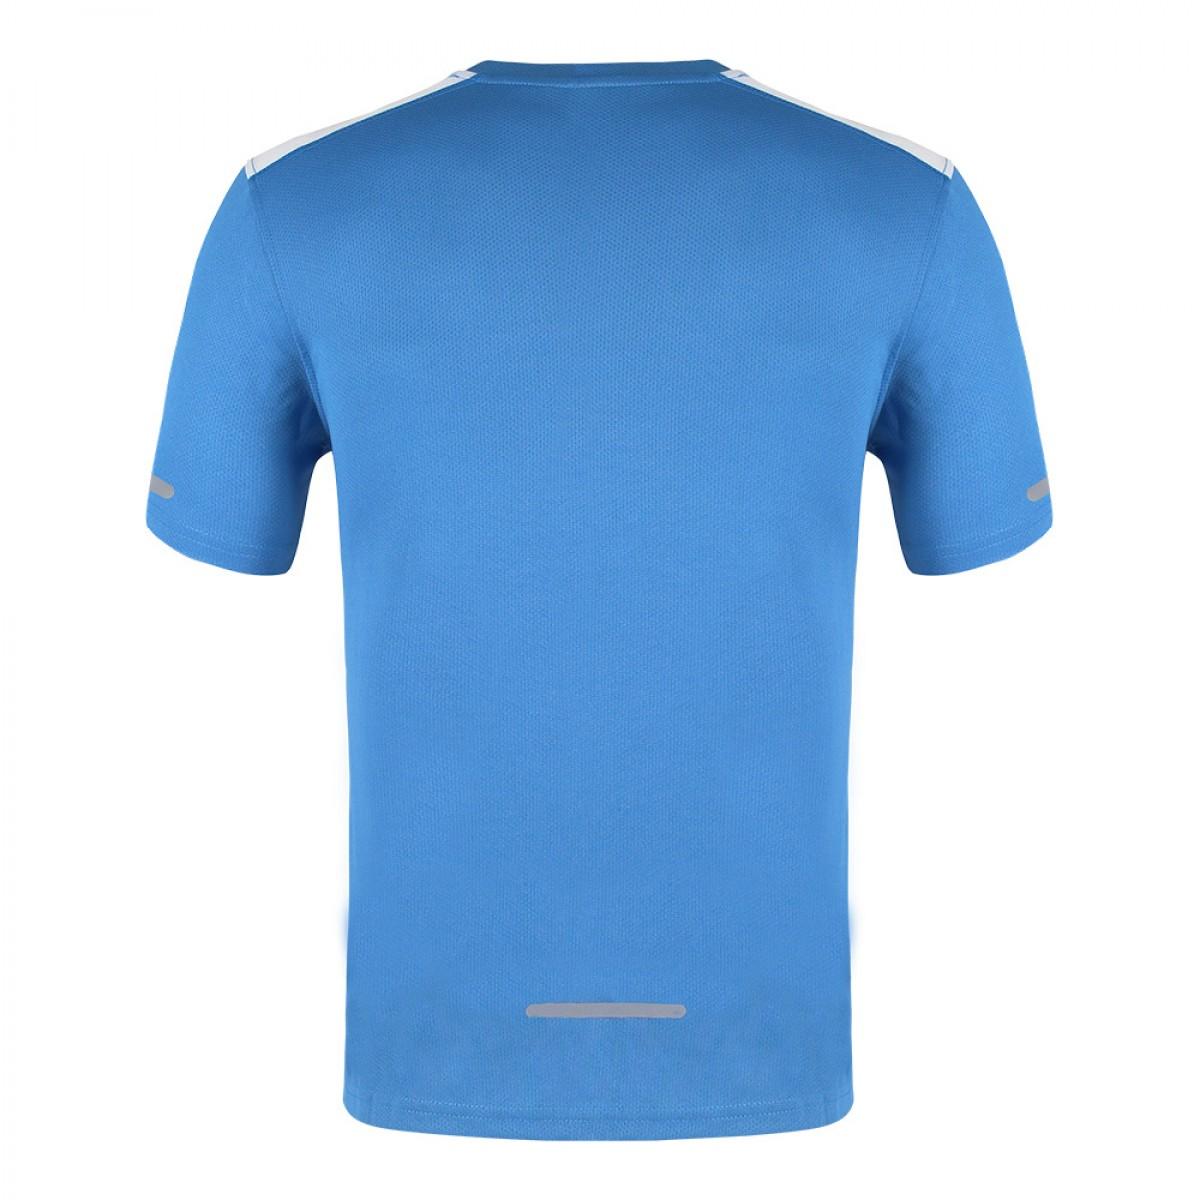 men-knitted-round-neck-t-shirt-kkrt15966-5d